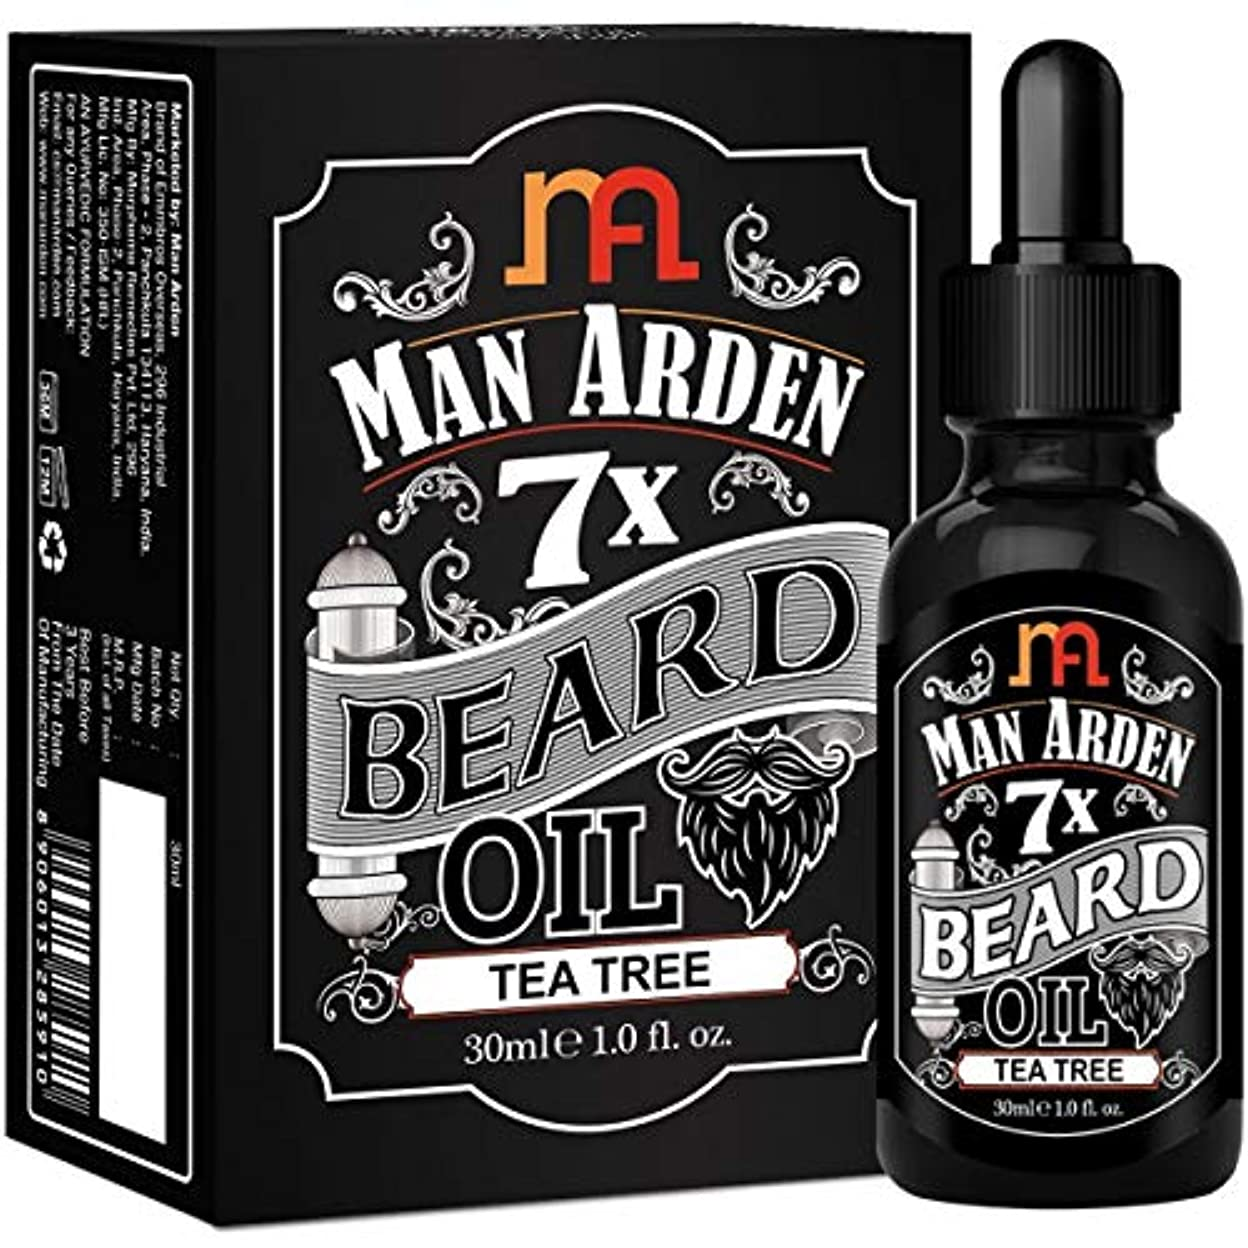 アミューズレッスンドットMan Arden 7X Beard Oil 30ml (Tea Tree) - 7 Premium Oils Blend For Beard Growth & Nourishment